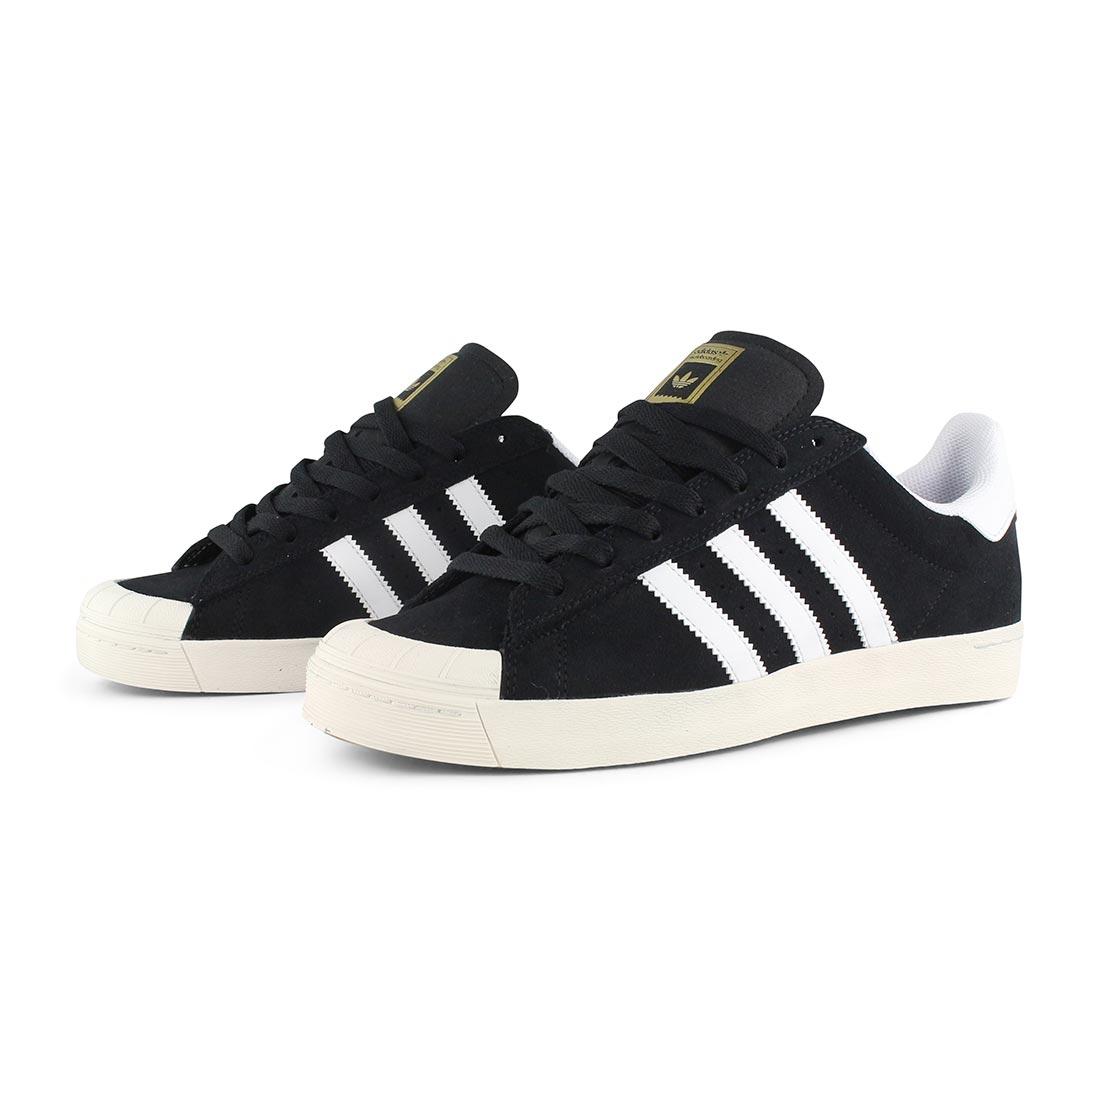 reputable site 247b3 94fe5 ... Adidas-Half-Shell-Vulc-ADV-Shoes-Black-White ...